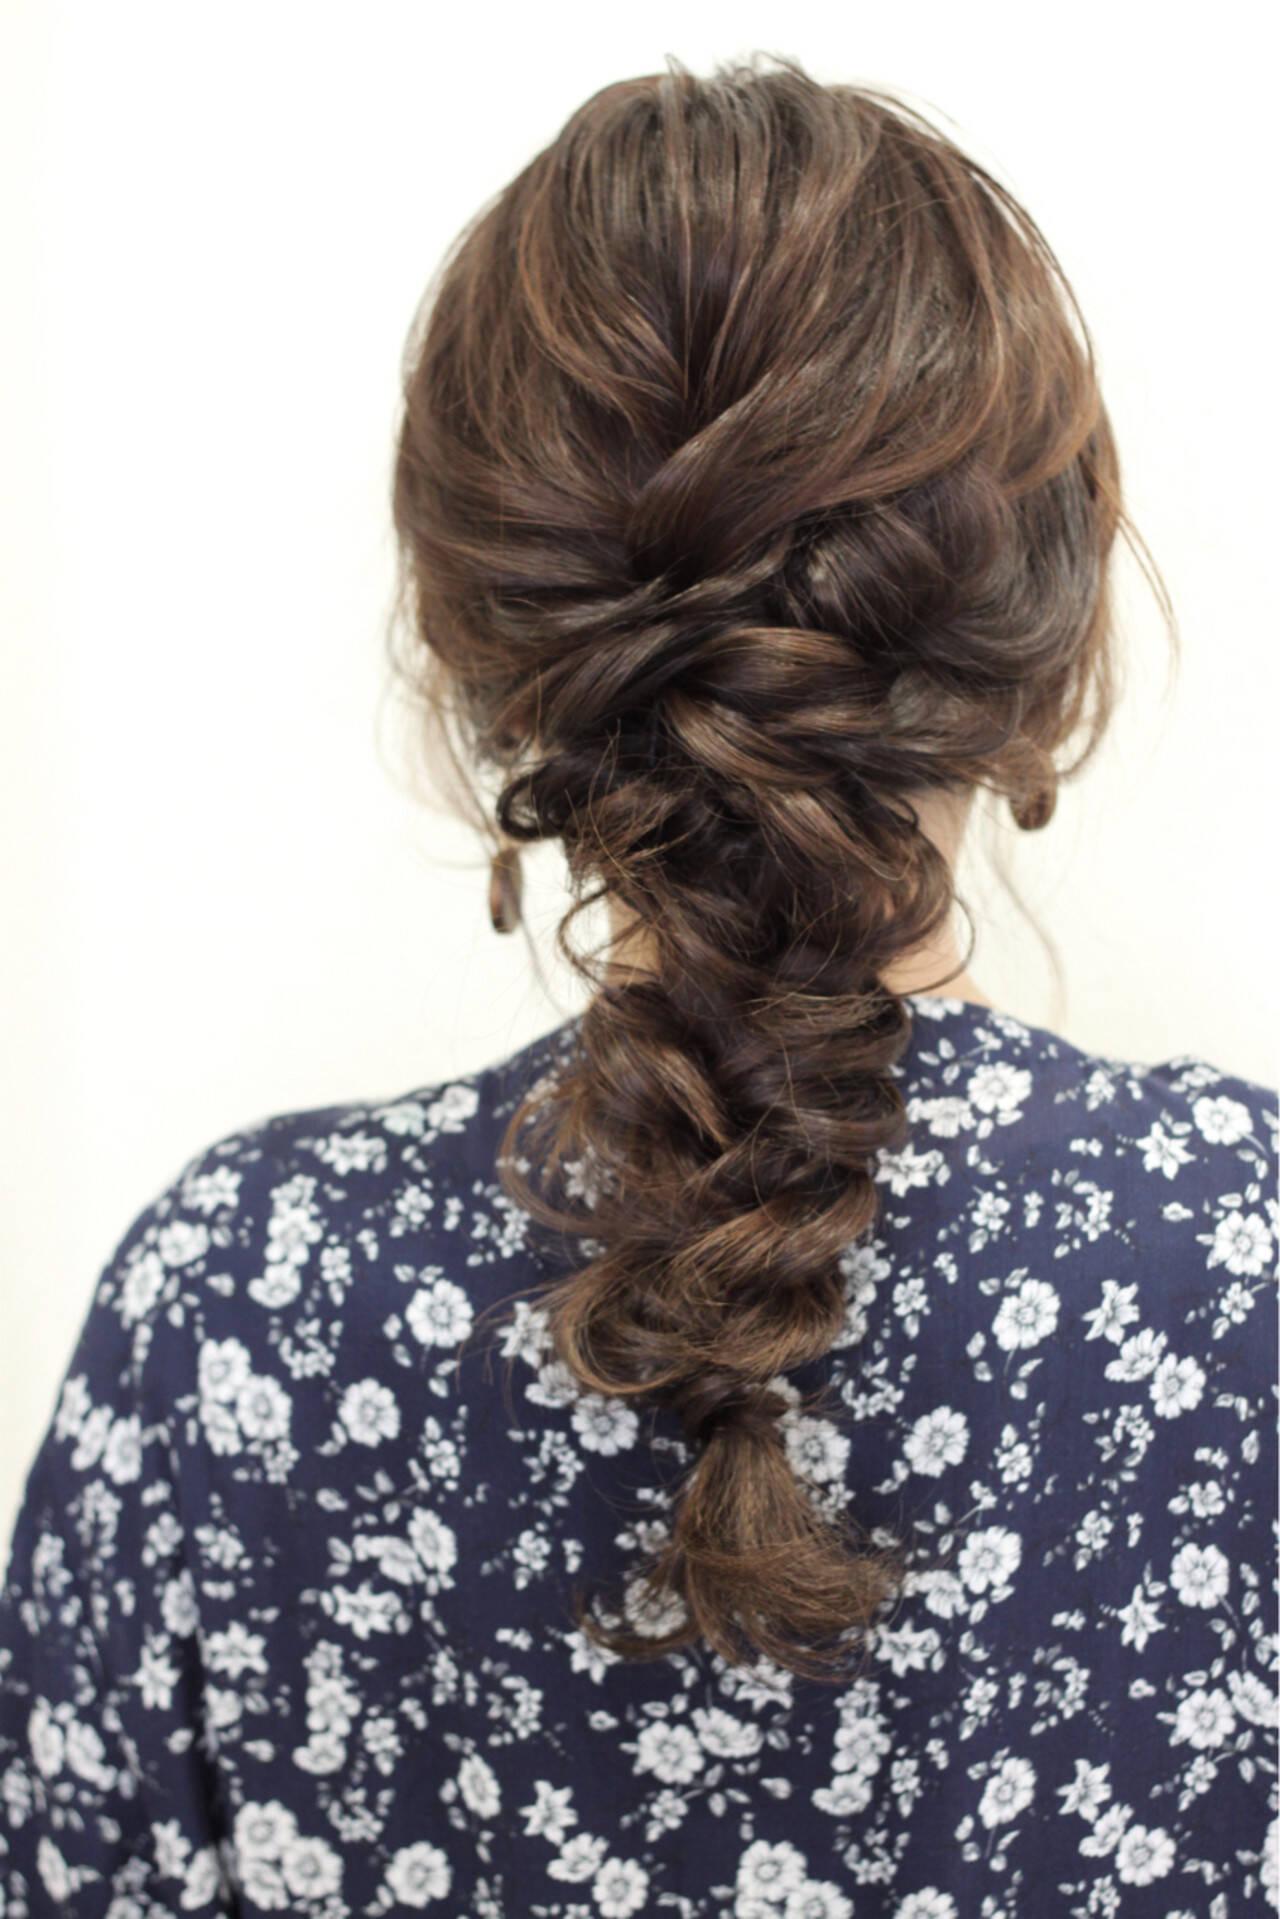 結婚式 ナチュラル ヘアアレンジ 簡単ヘアアレンジヘアスタイルや髪型の写真・画像